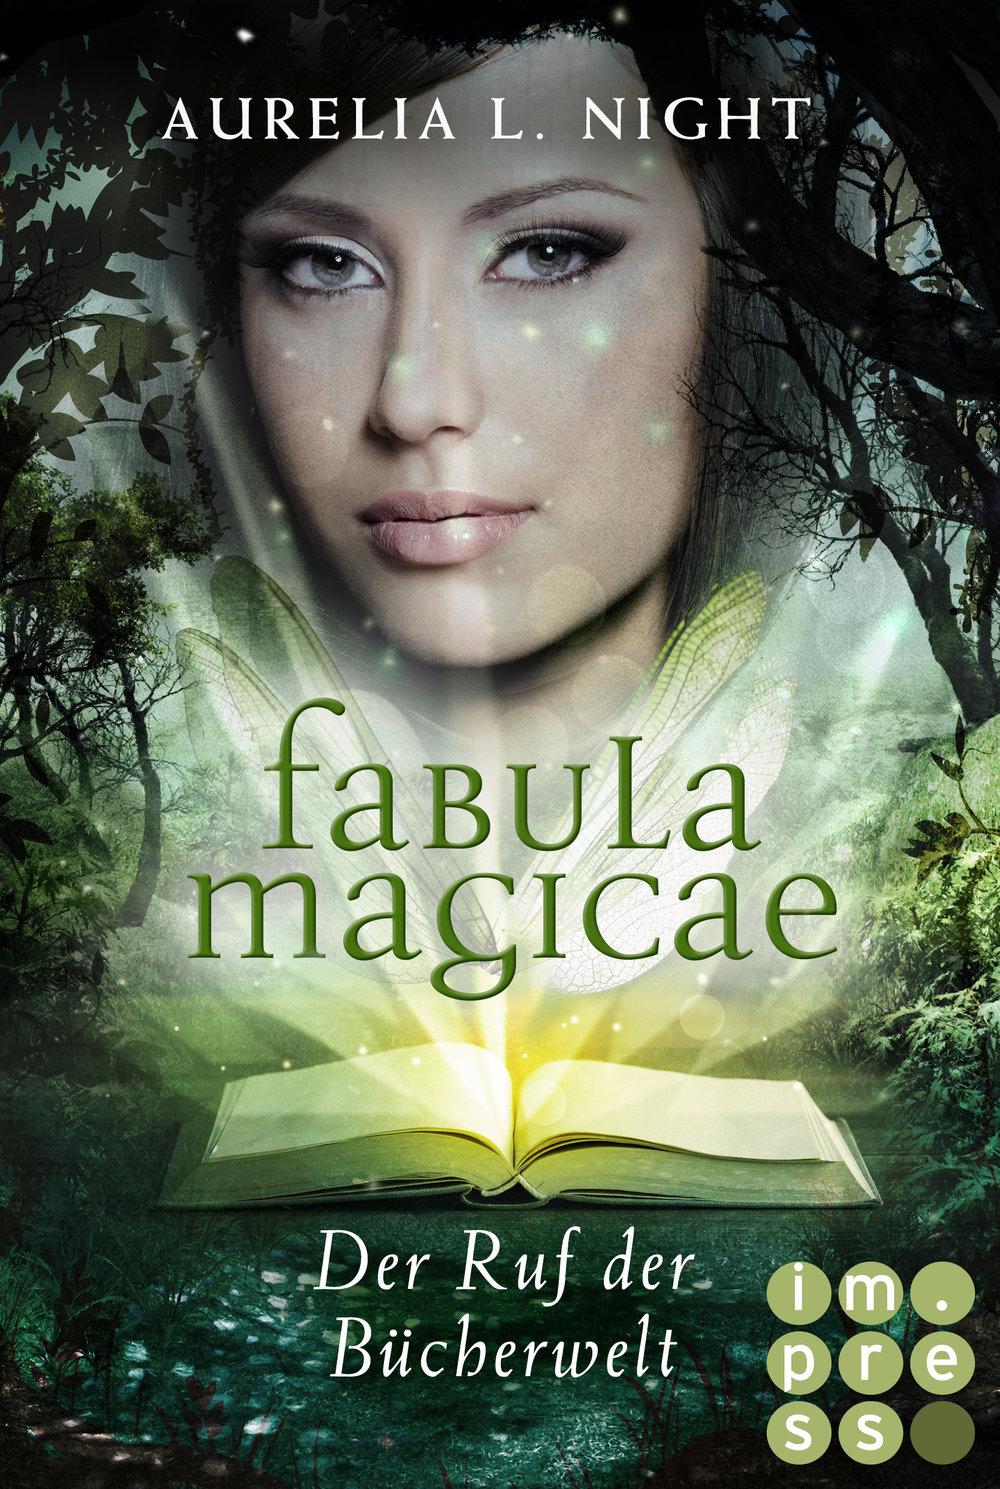 night_aurelia_l_fabula_magicae1_Phantastik-Autoren-Netzwerk.jpg